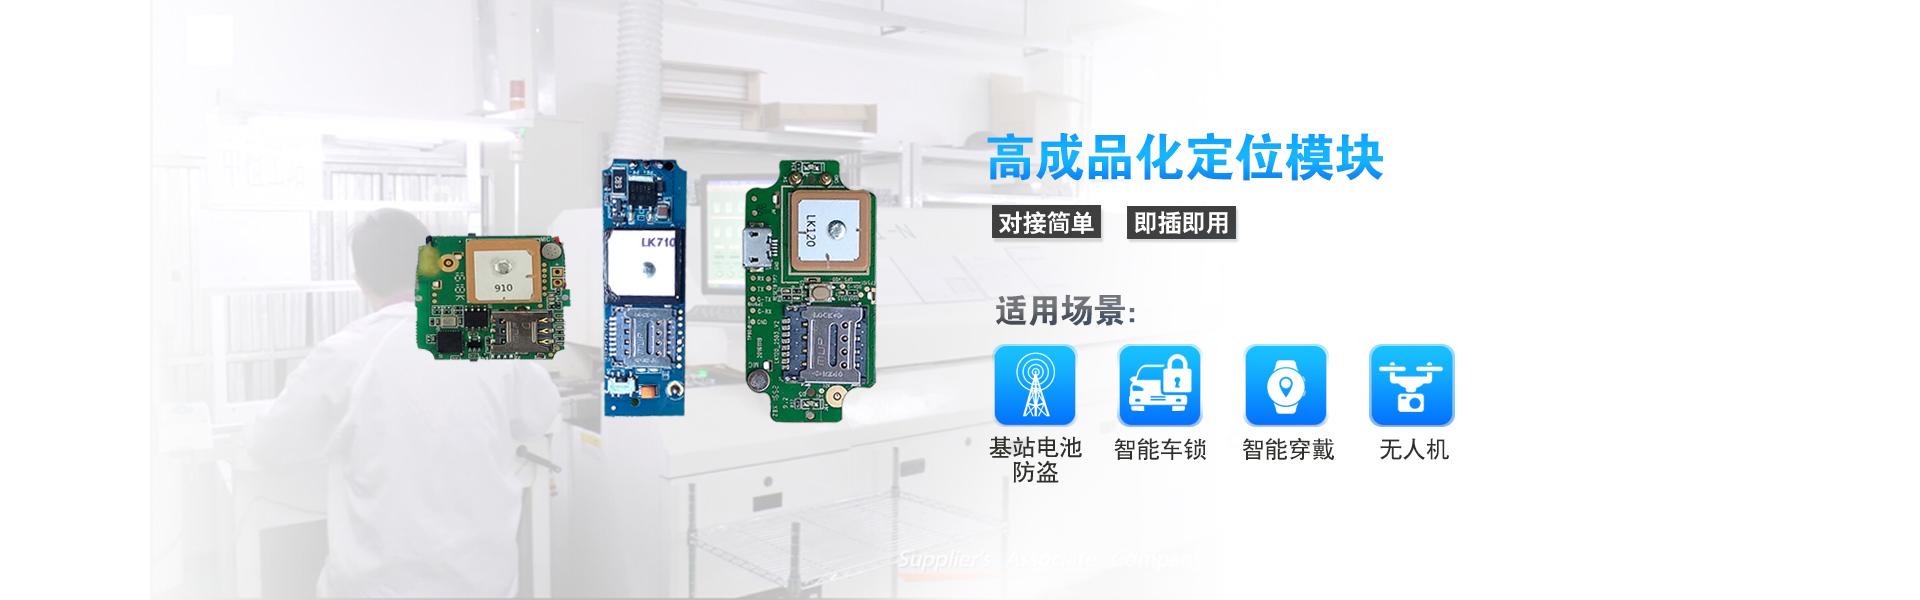 9~100v宽电压电源定位模块